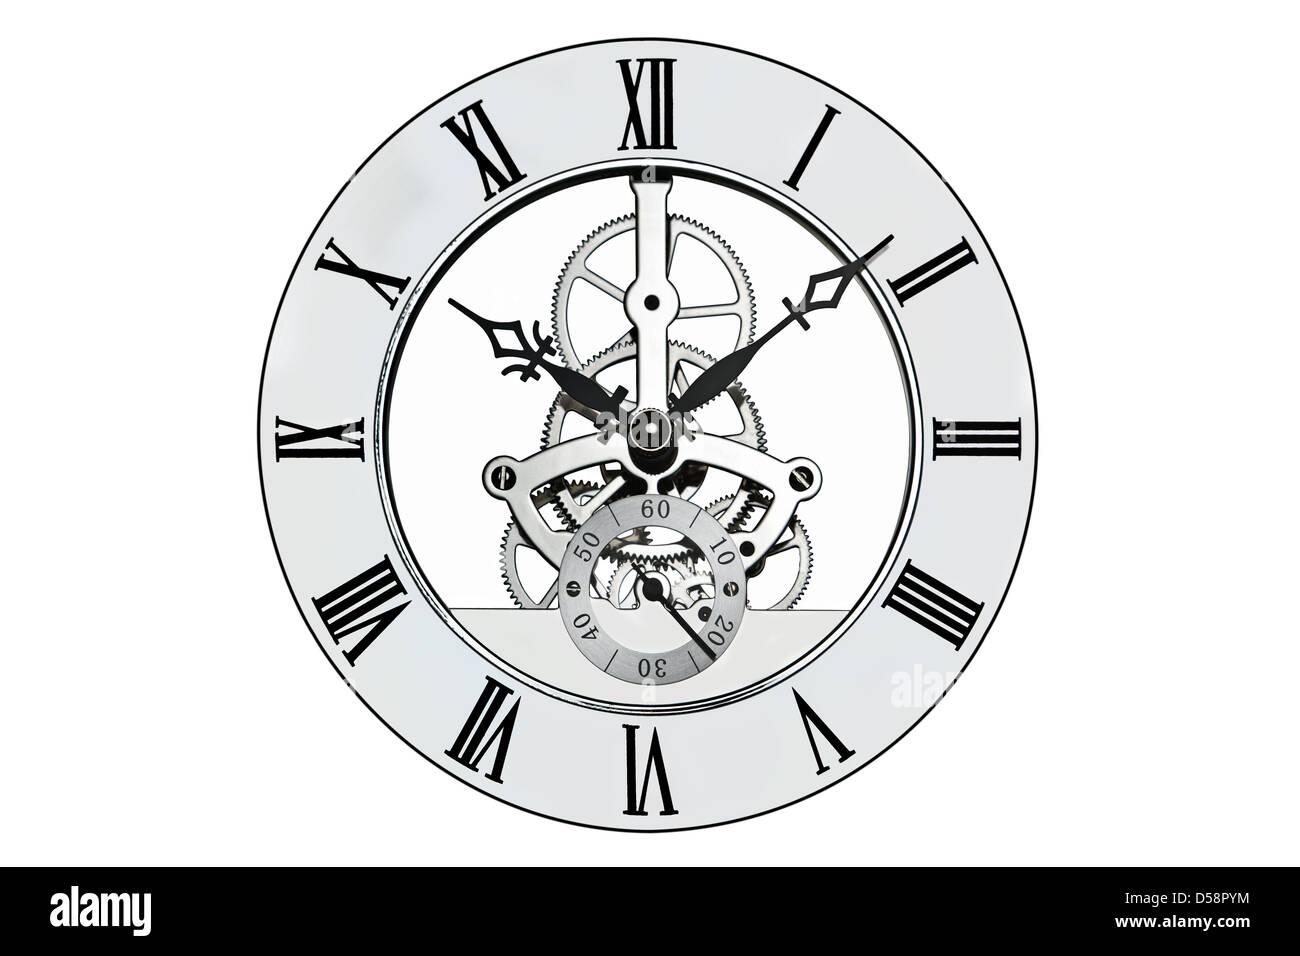 Skelett Uhr mit römischen Ziffern auf einem weißen Hintergrund isoliert. Clipping-Pfad für die Außenfläche Stockbild